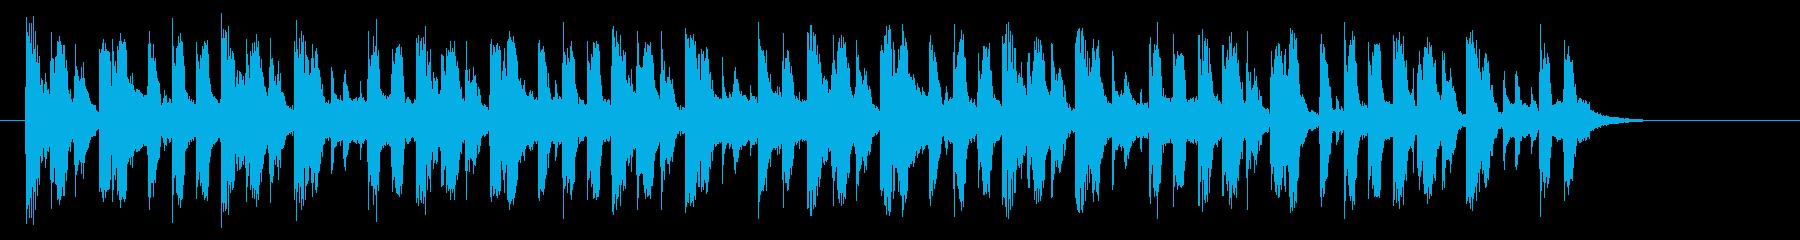 おしゃれなチャイニーズロックの再生済みの波形